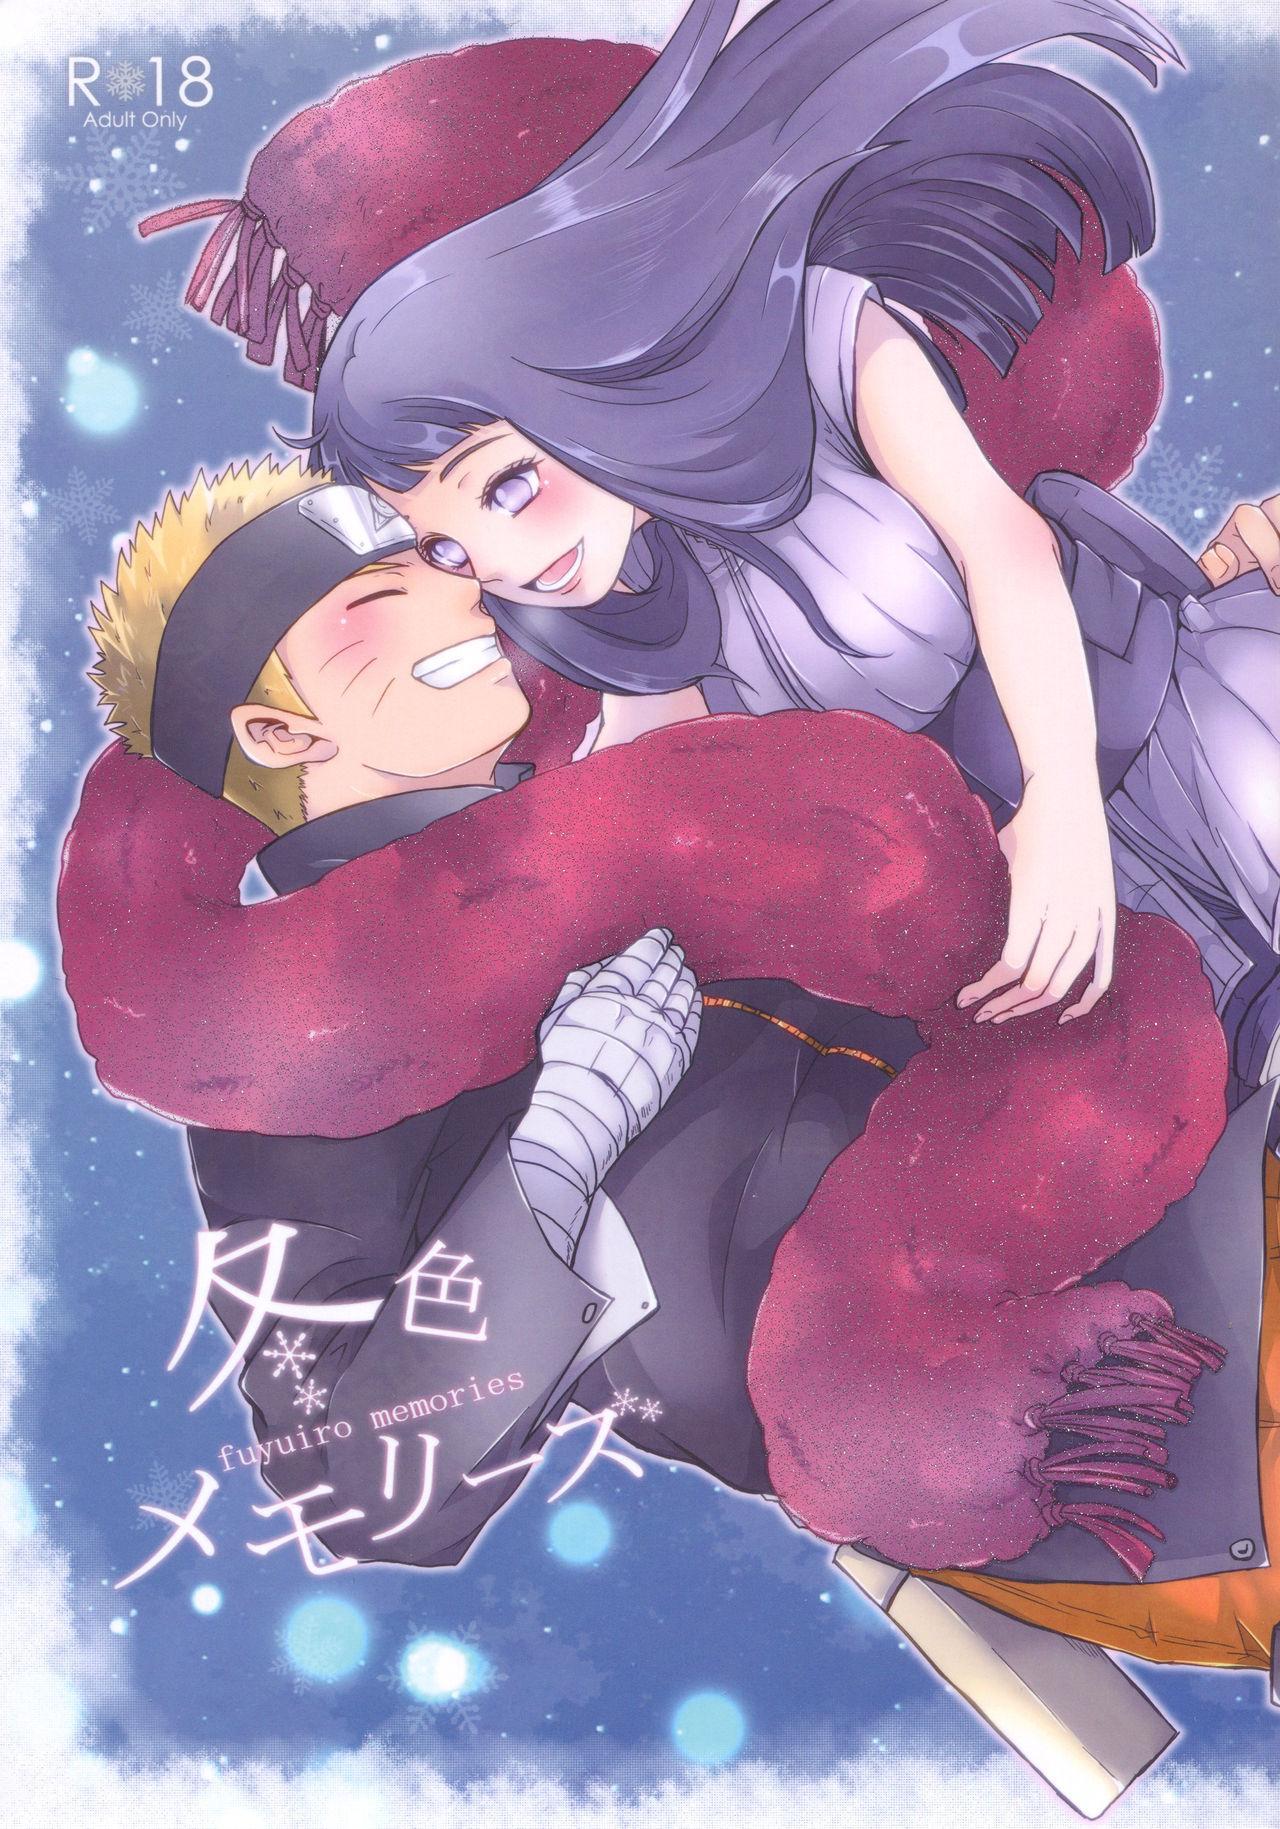 Fuyuiro Memories - Winter Color Memories 0